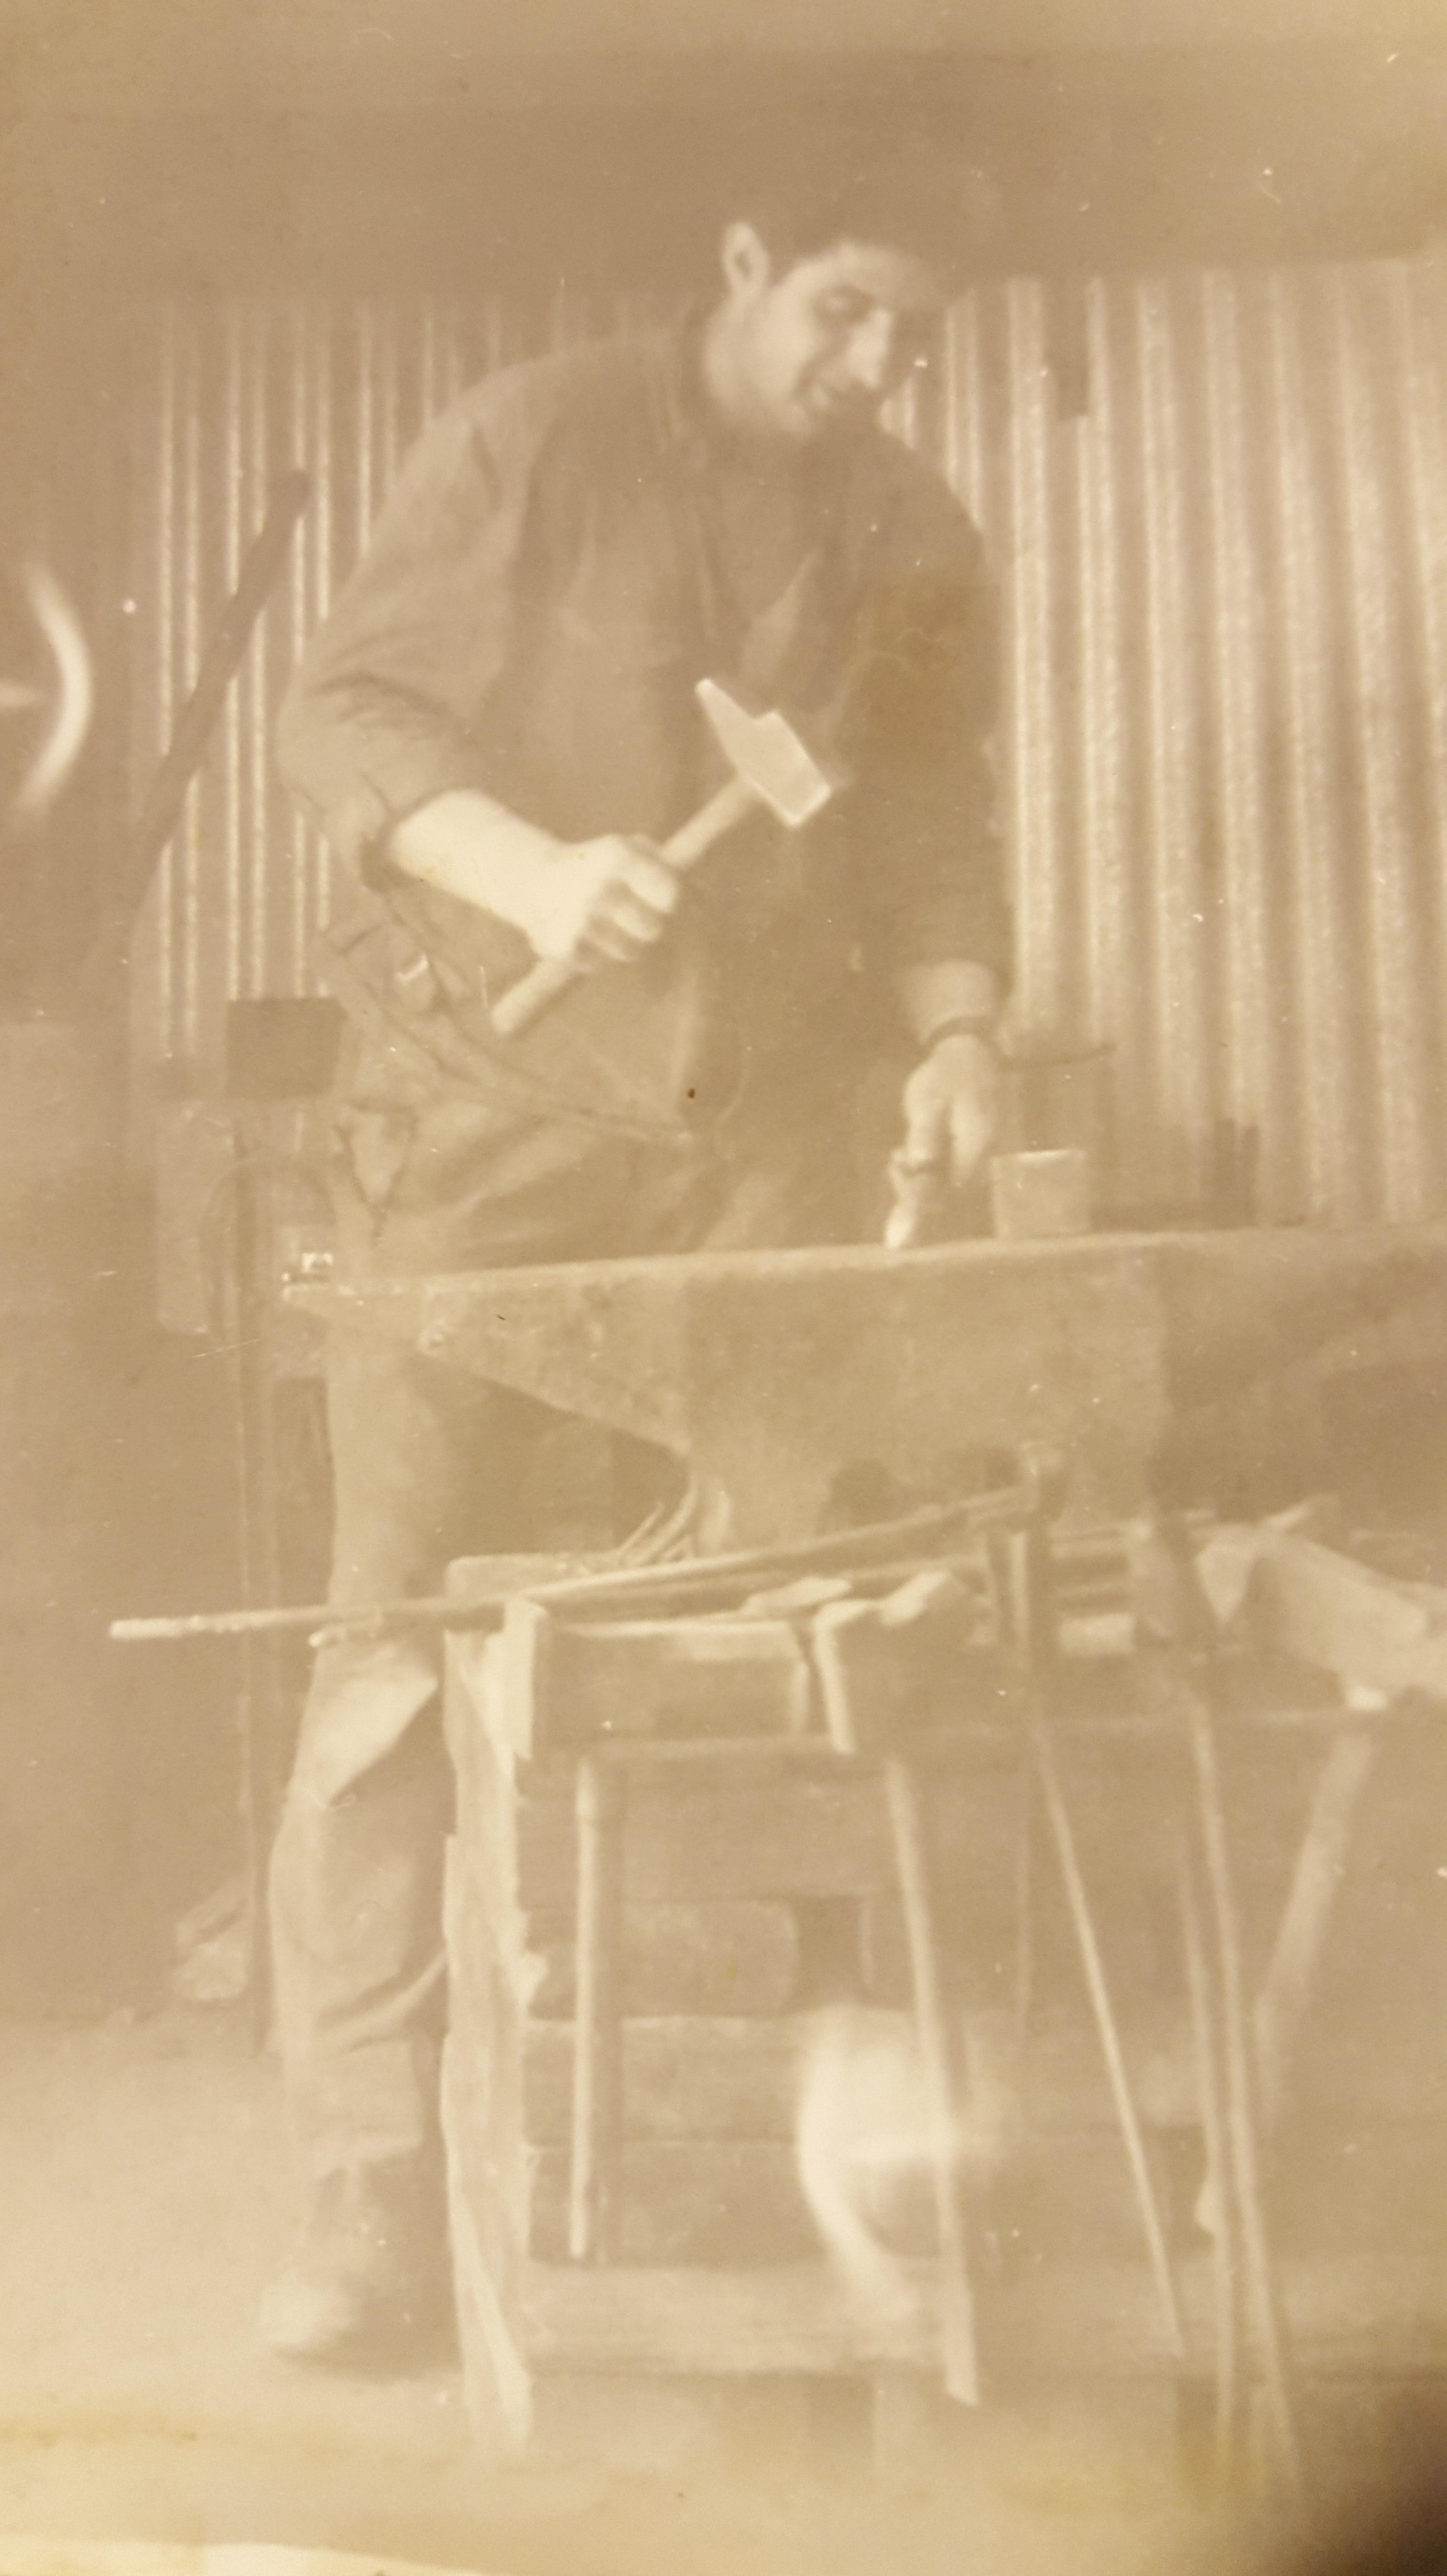 Luigi De Faveri